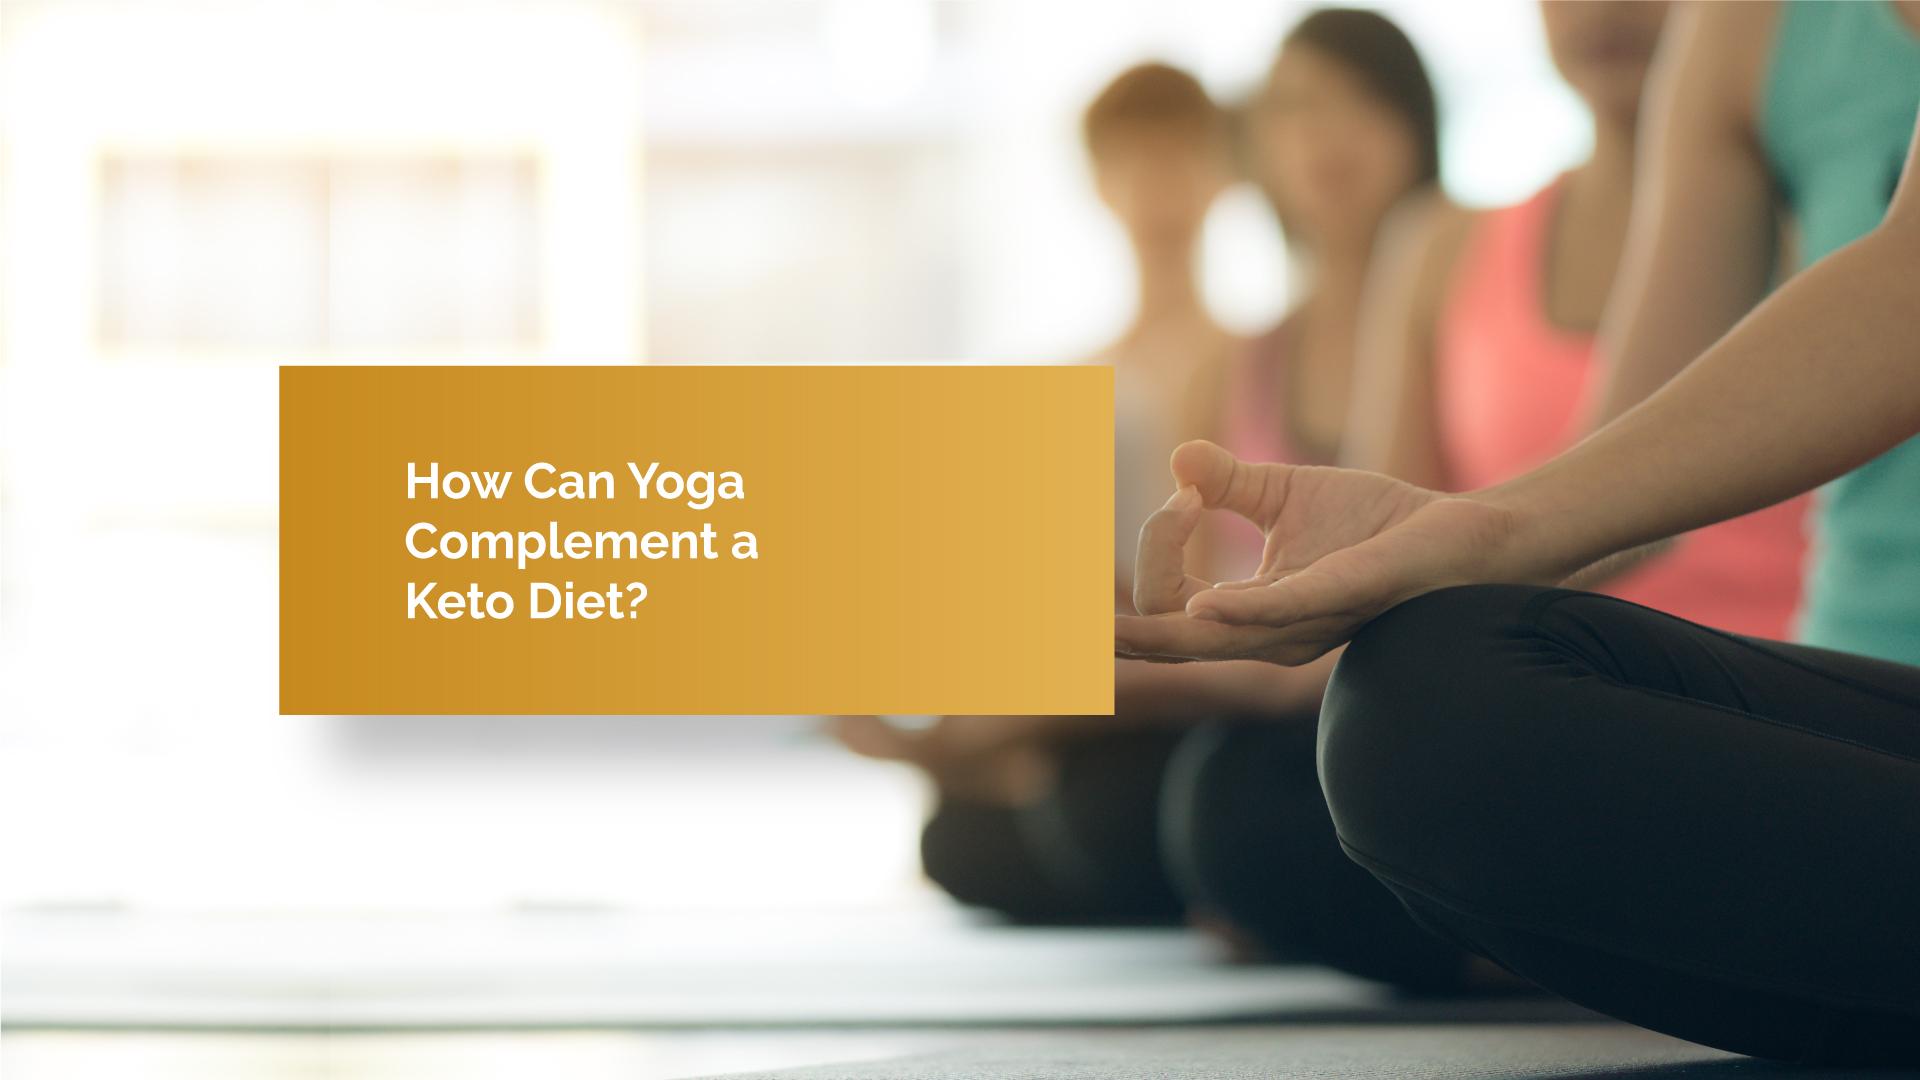 Keto and Yoga